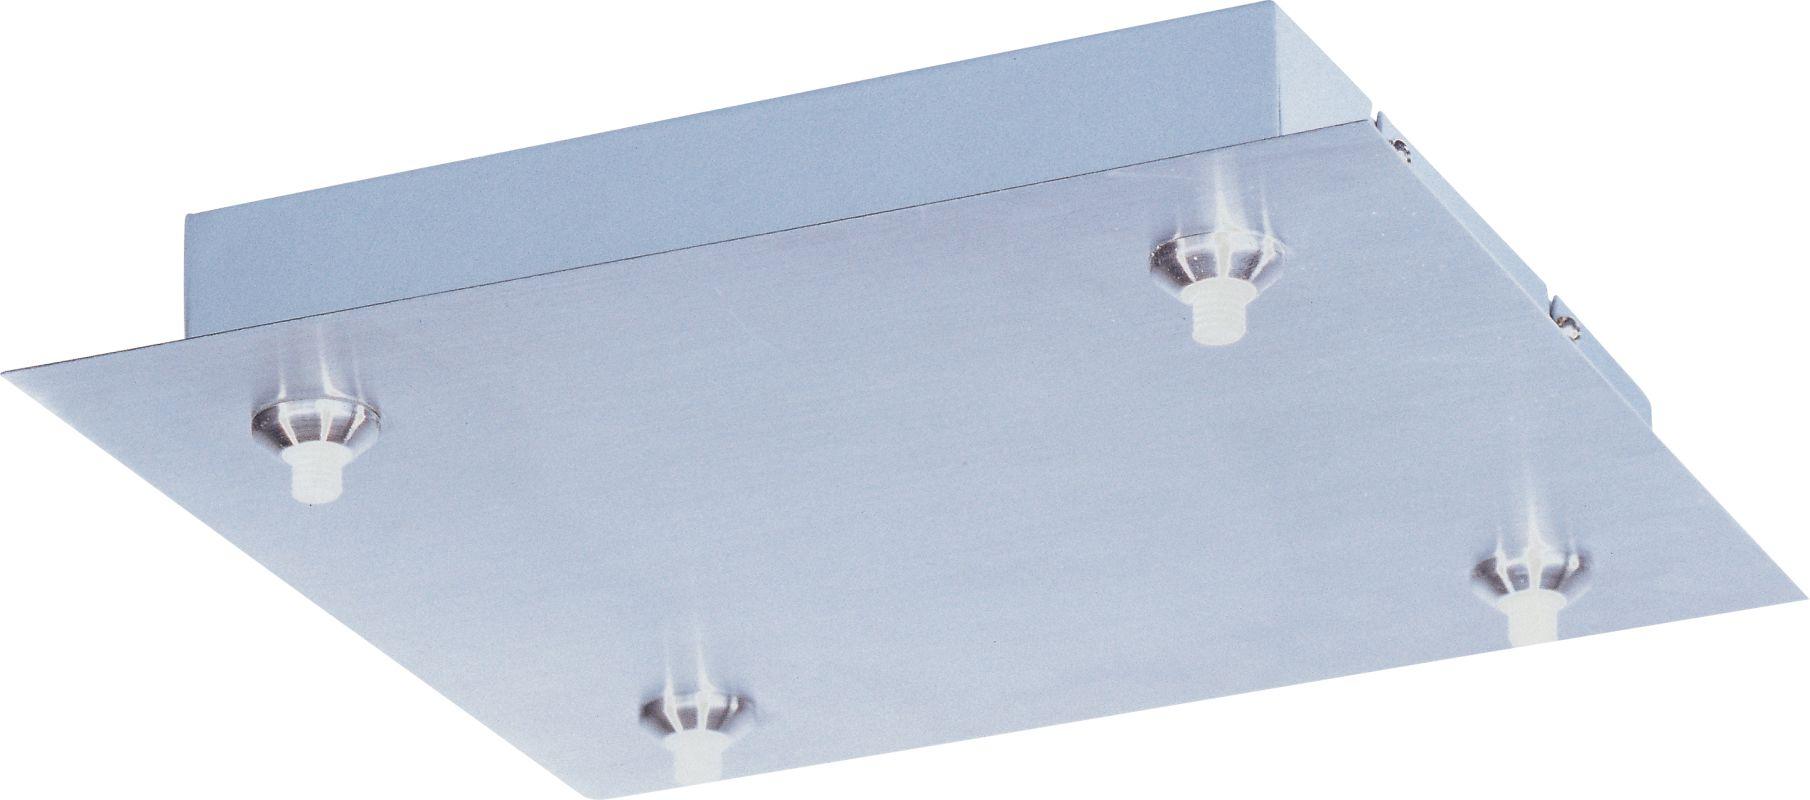 ET2 EC95004 RapidJack 4 Light Canopy Satin Nickel Accessory Canopies Sale $228.00 ITEM: bci1276205 ID#:EC95004-SN UPC: 845094032335 :